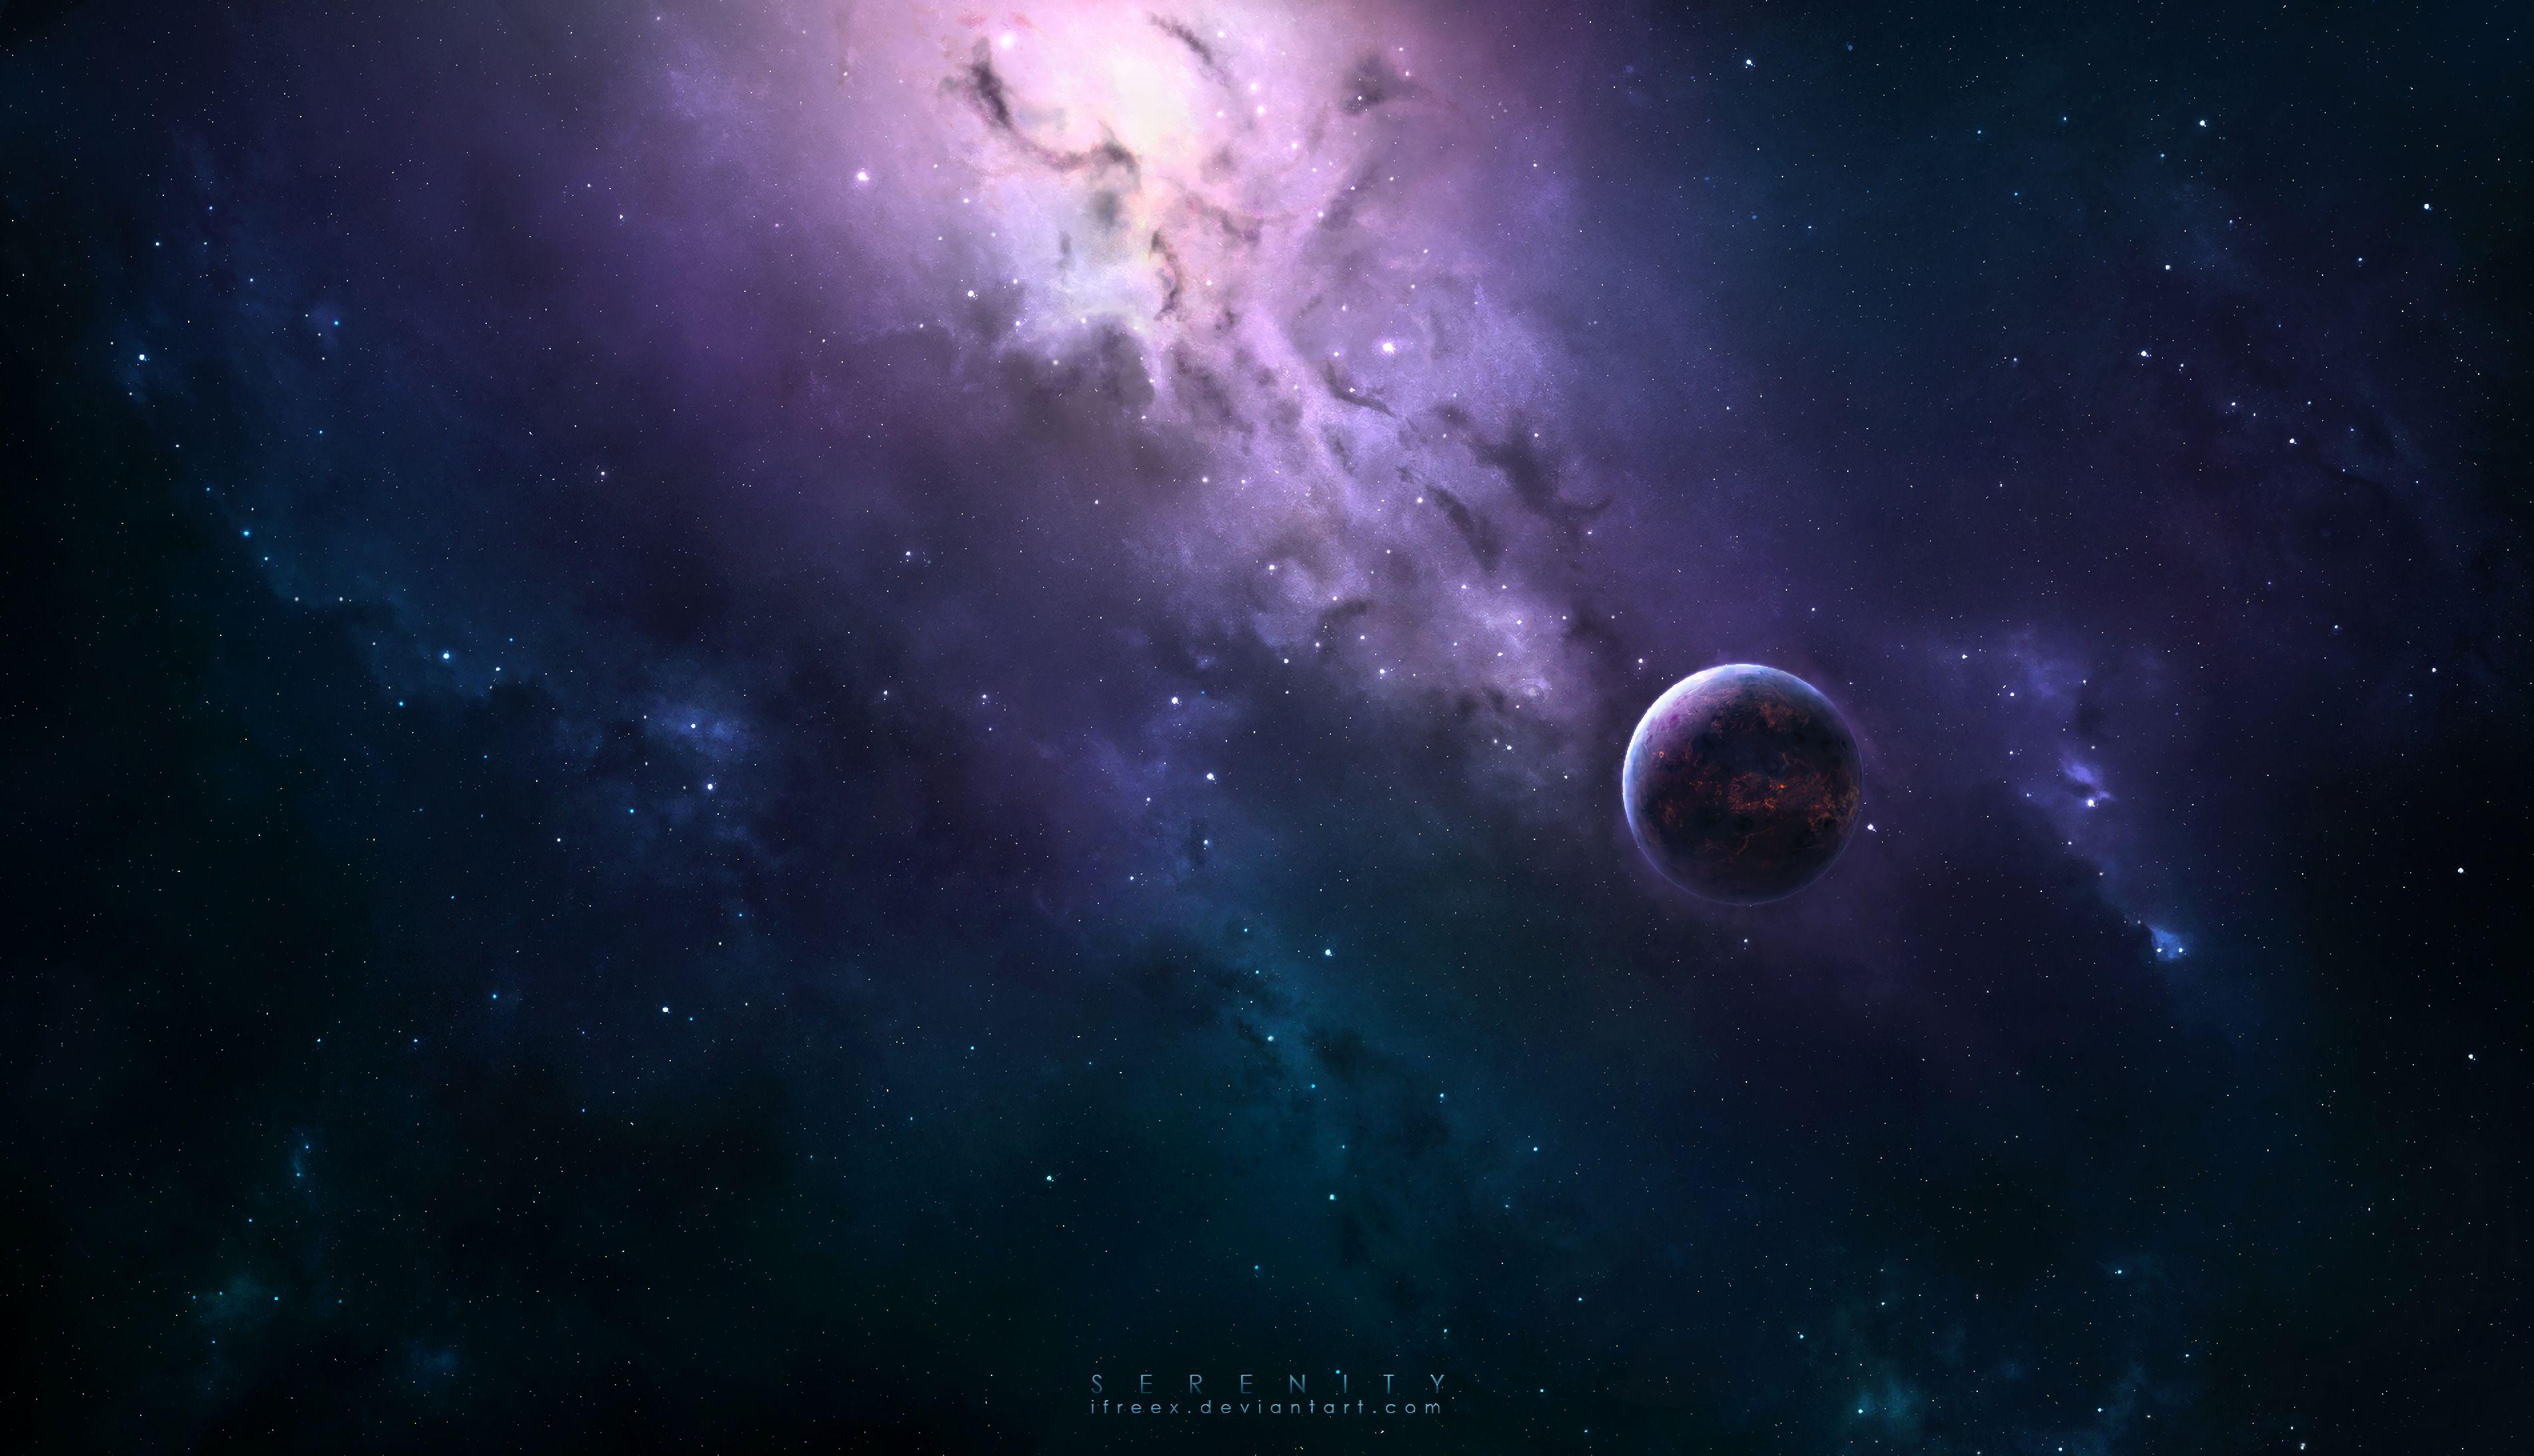 61121壁紙のダウンロード惑星, 宇宙, 天の川, 輝く, 輝き, 闇, 暗い, スター-スクリーンセーバーと写真を無料で